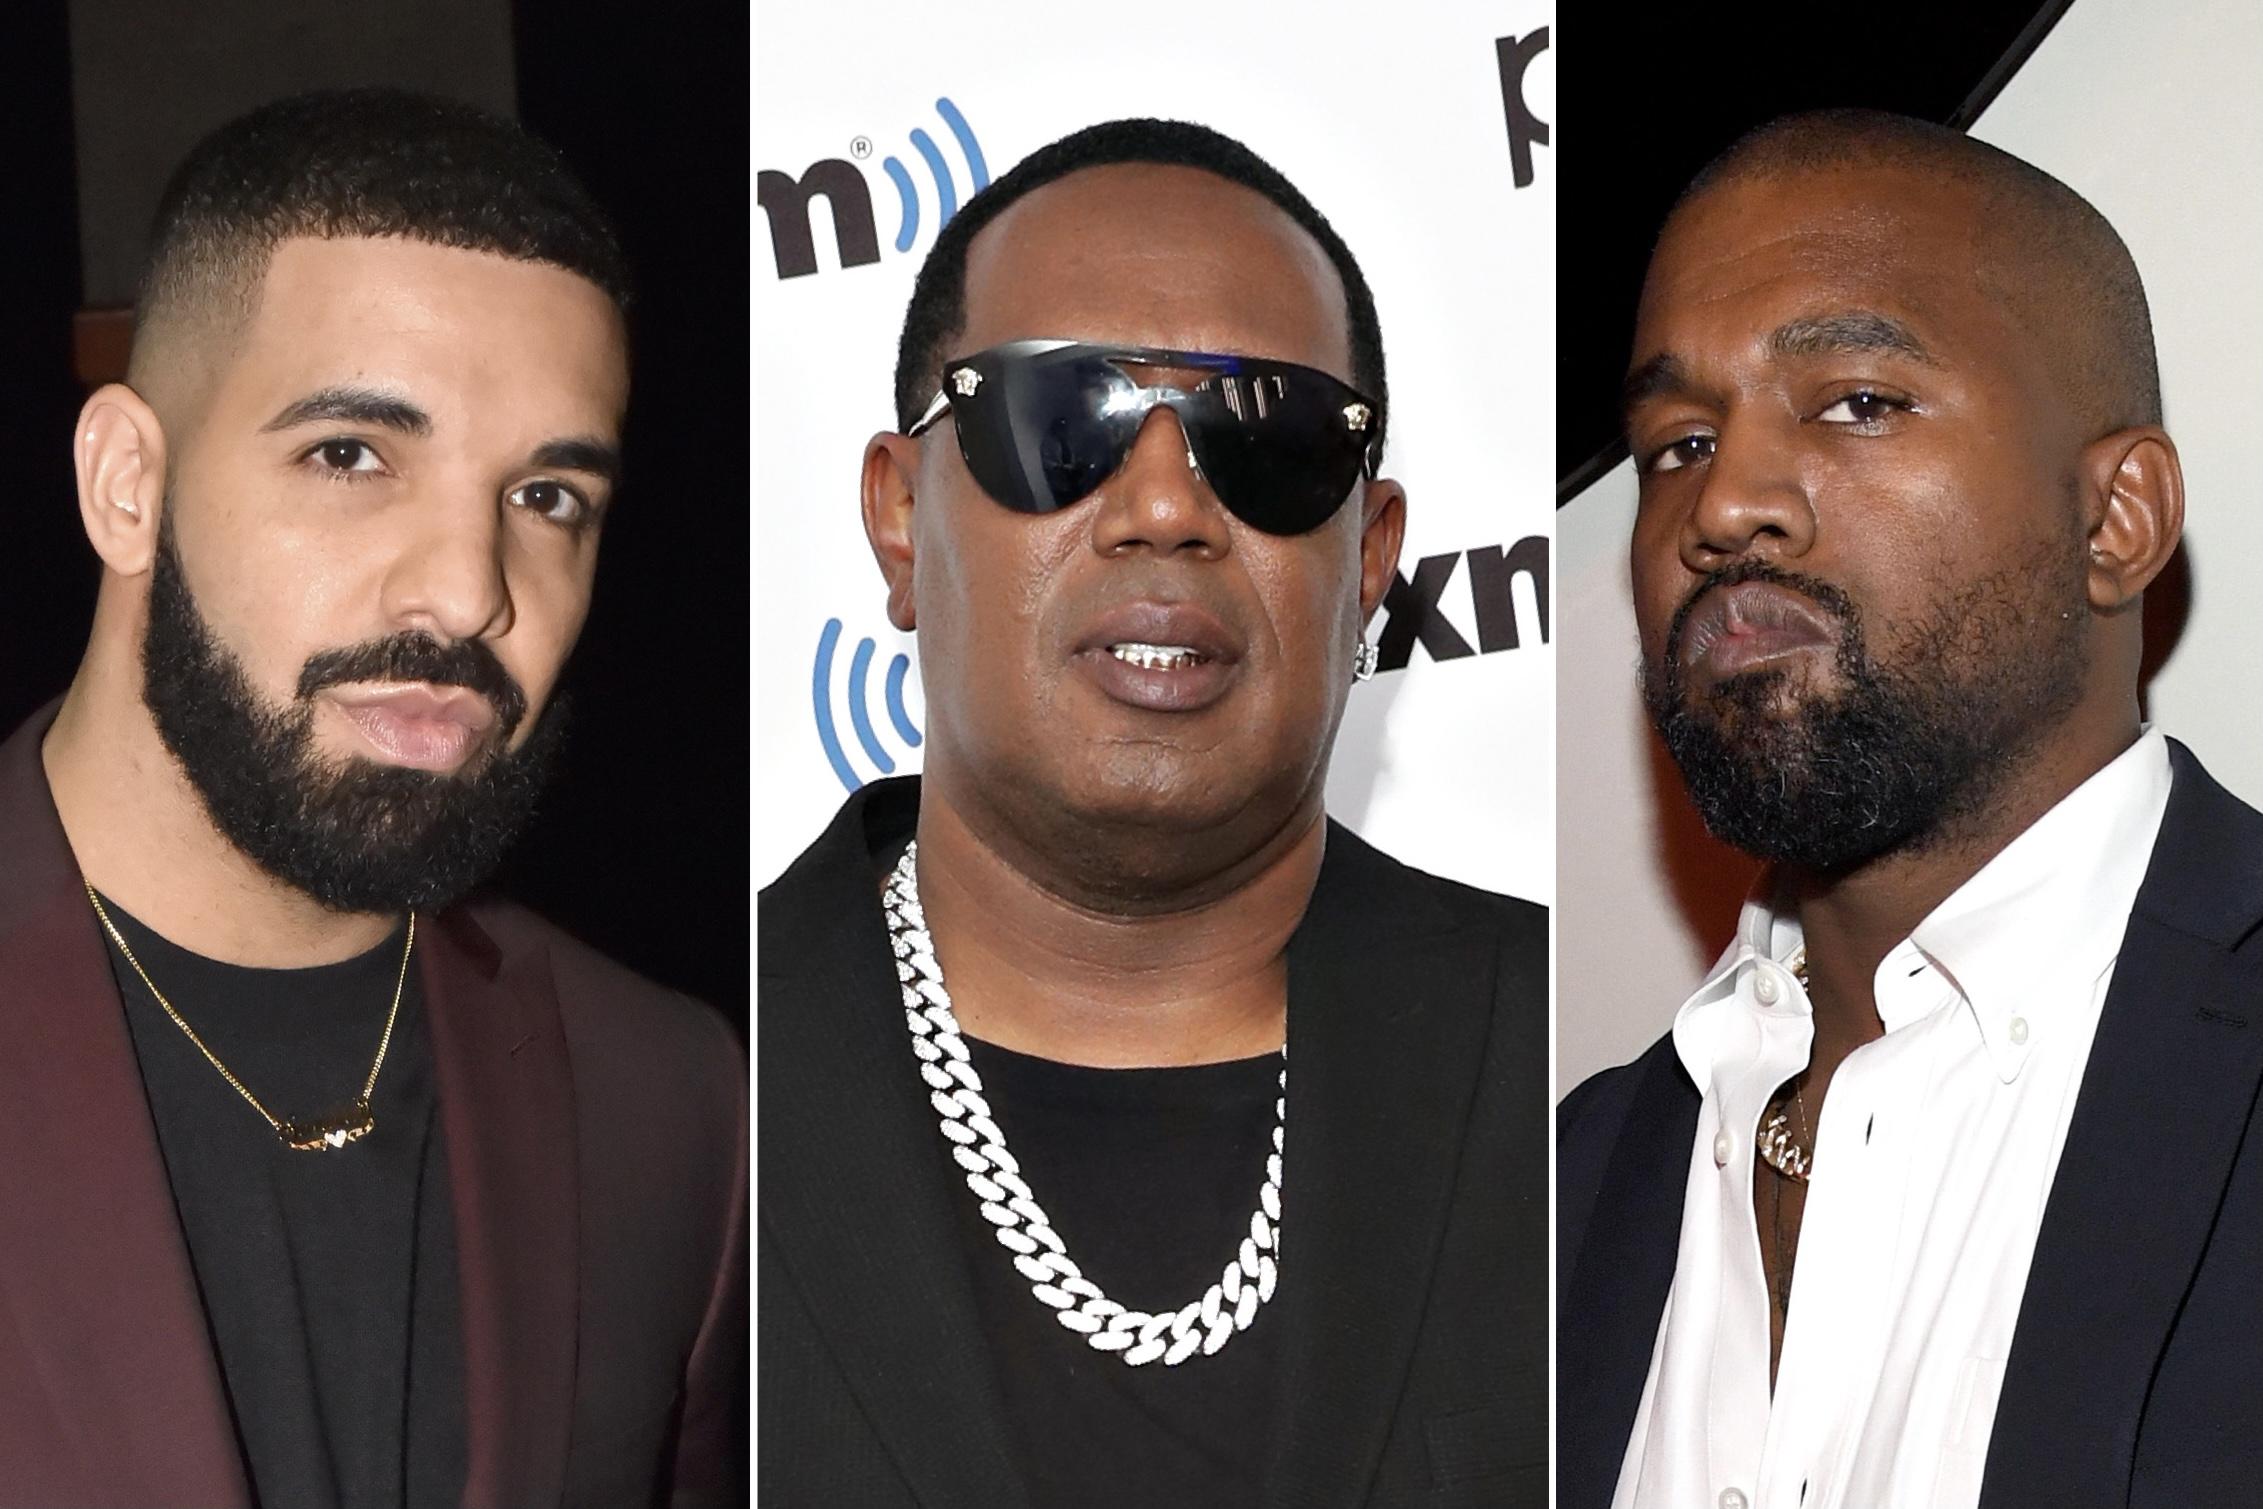 Drake, Master P, Kanye West